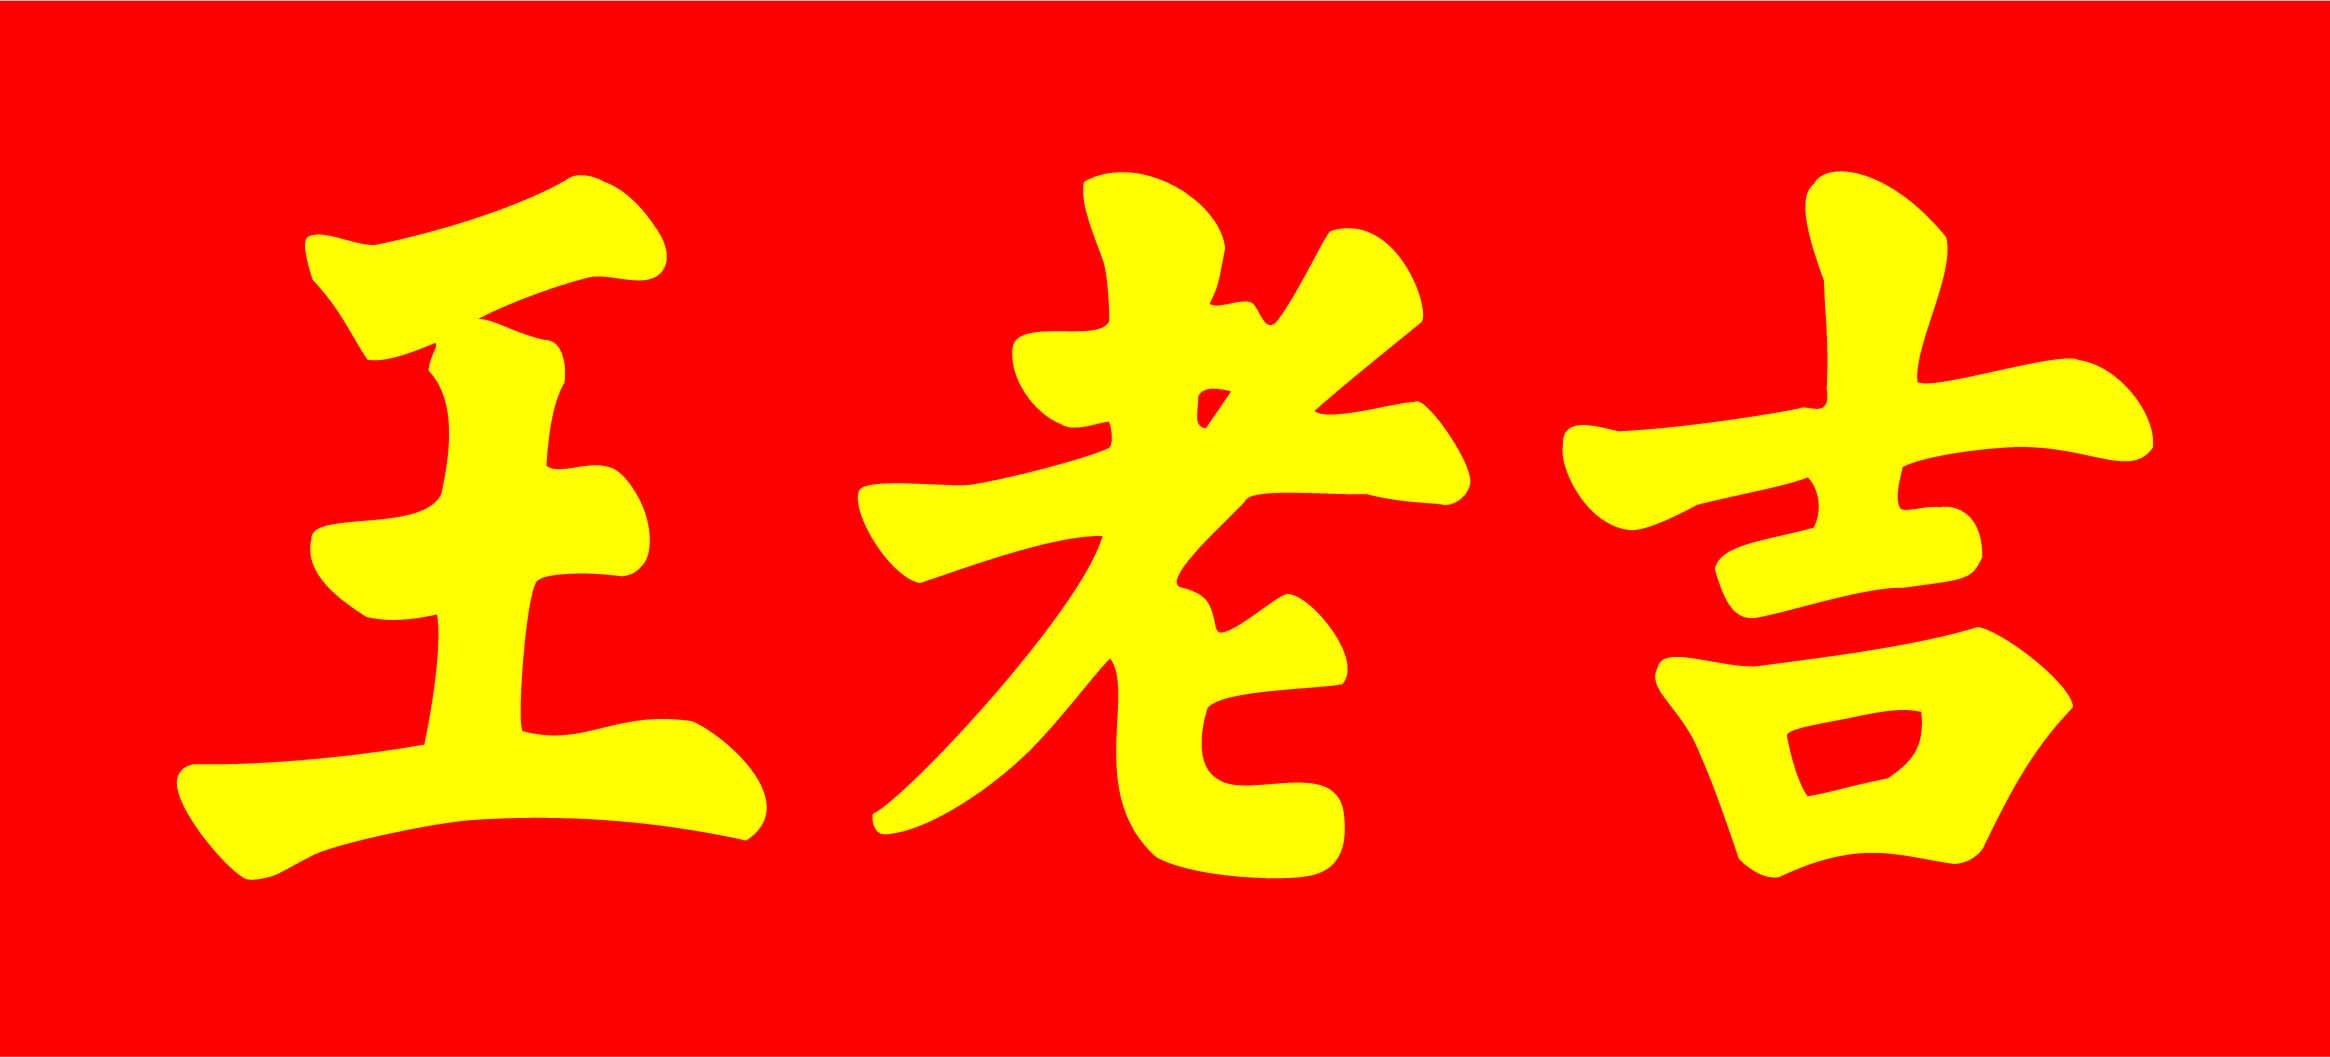 广州王老吉大健康产业有限公司宣讲会